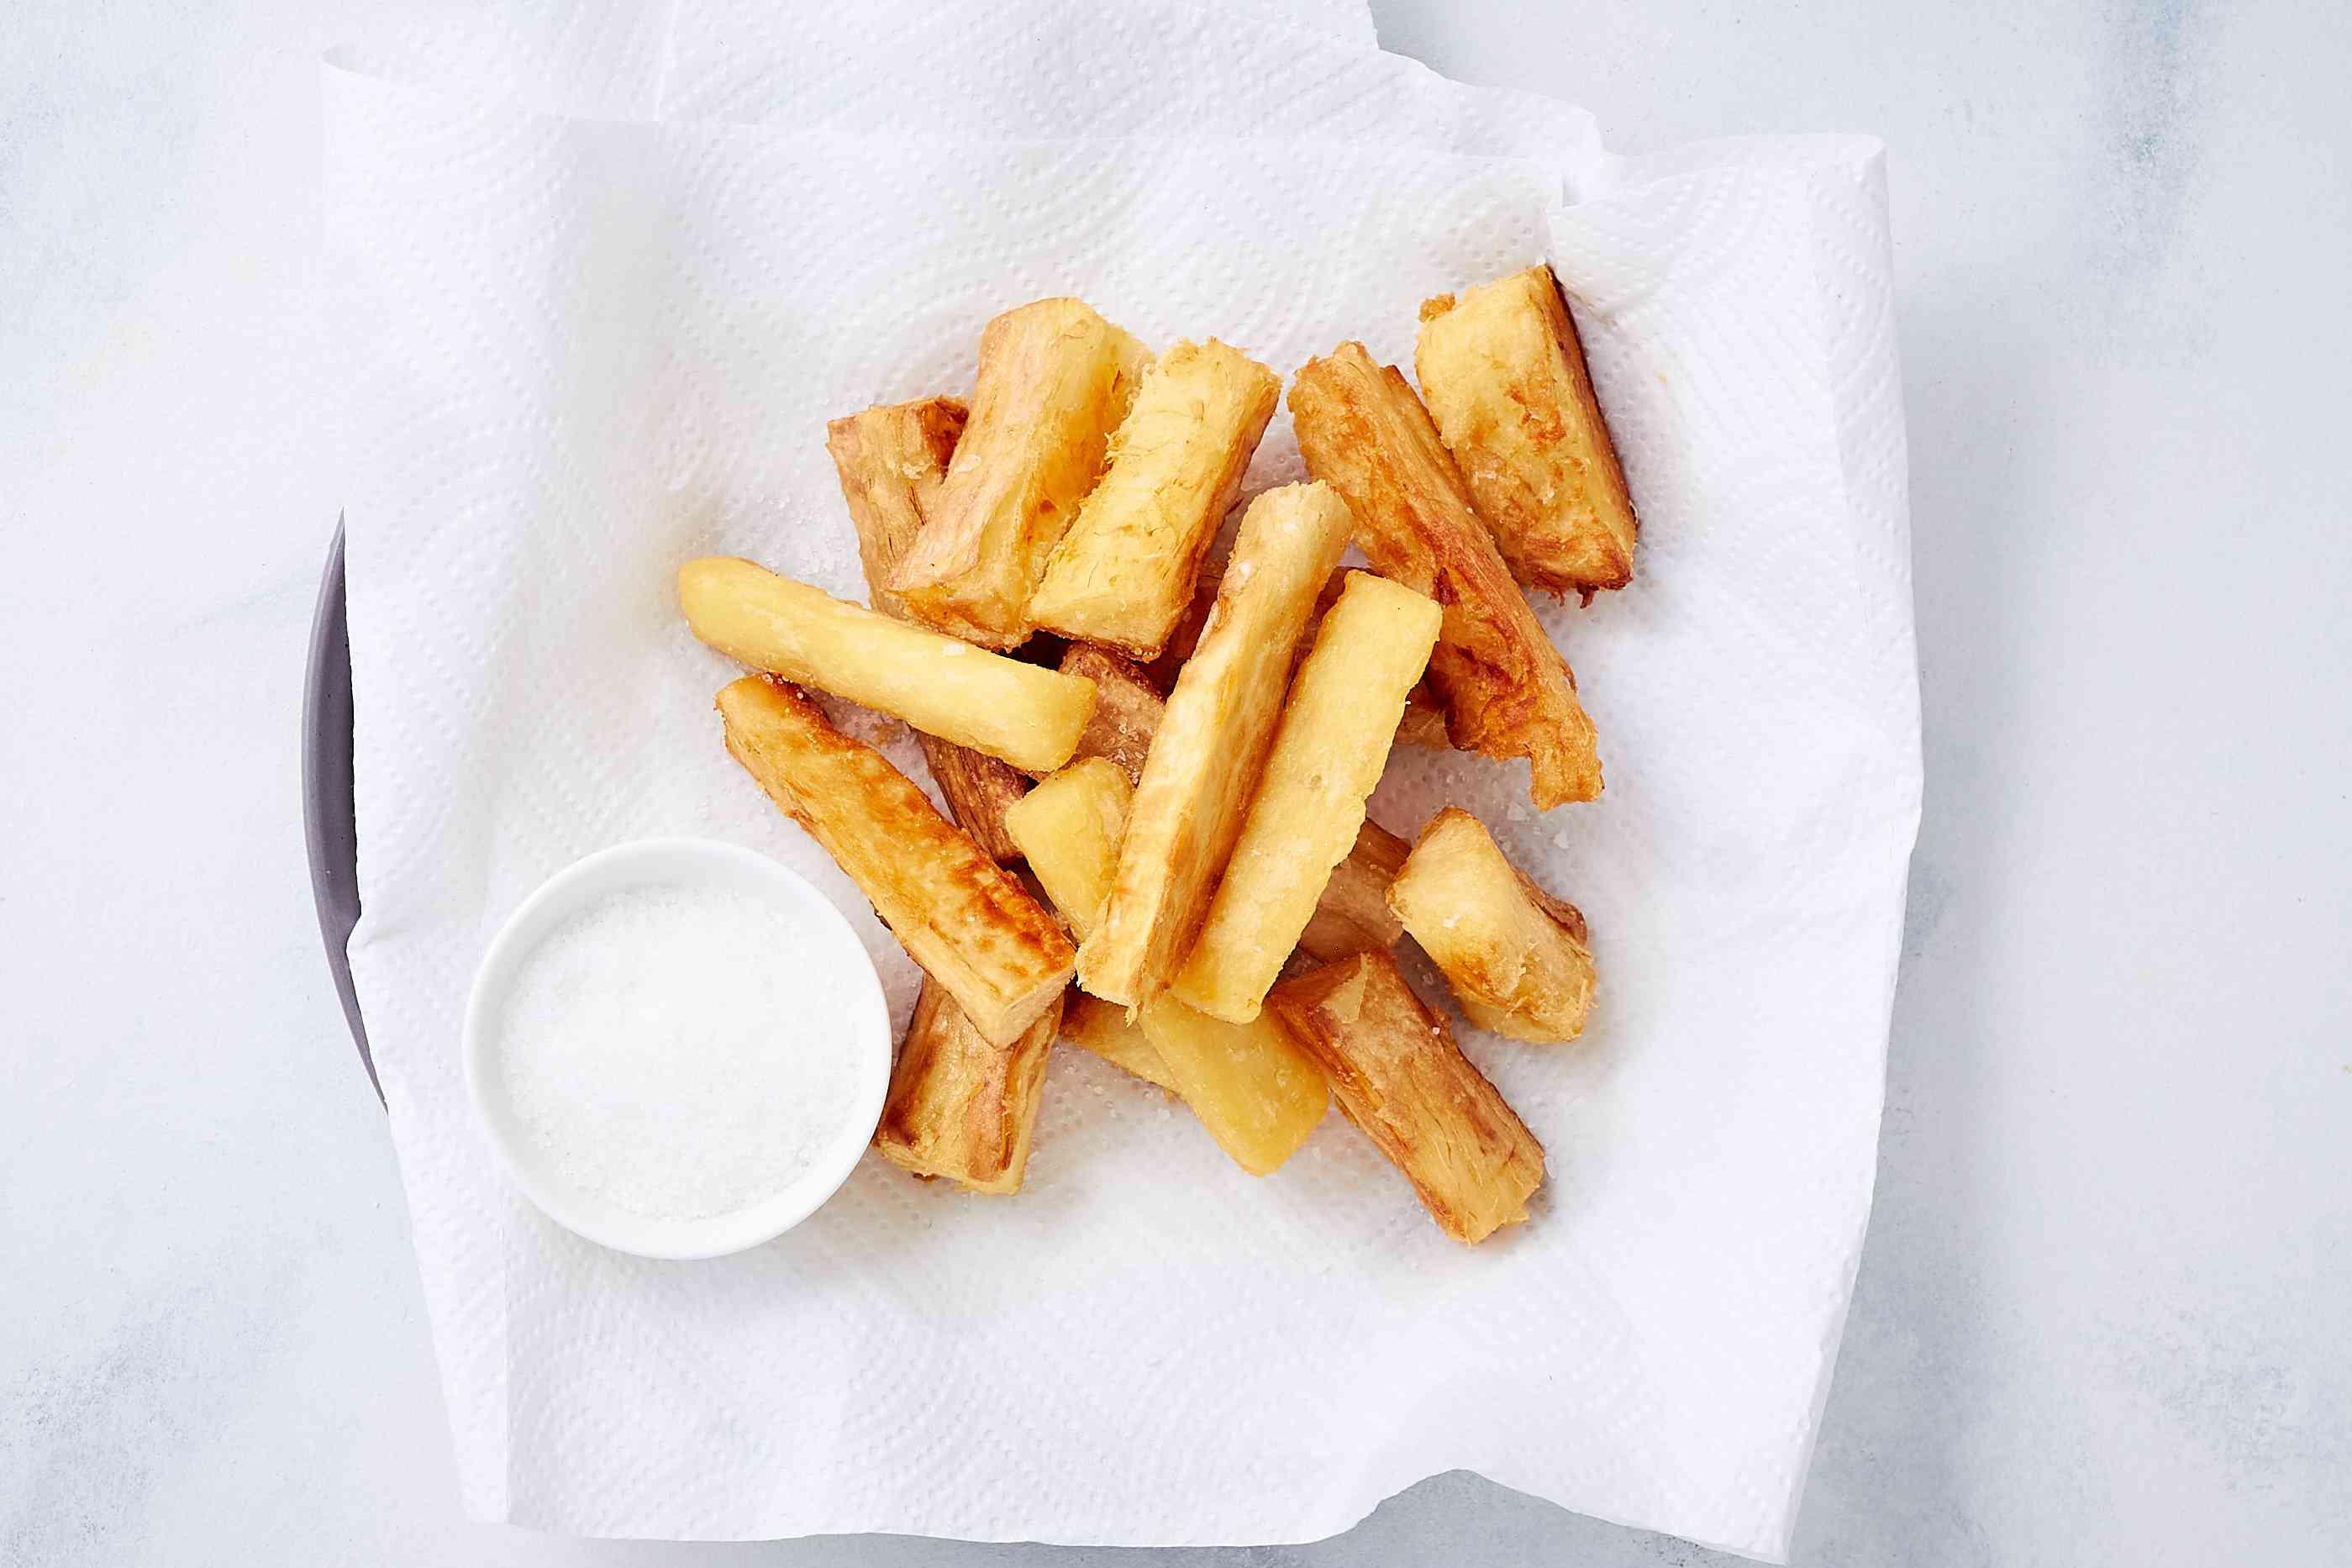 South American Yuca Fries (Yuca Frita) on paper towels